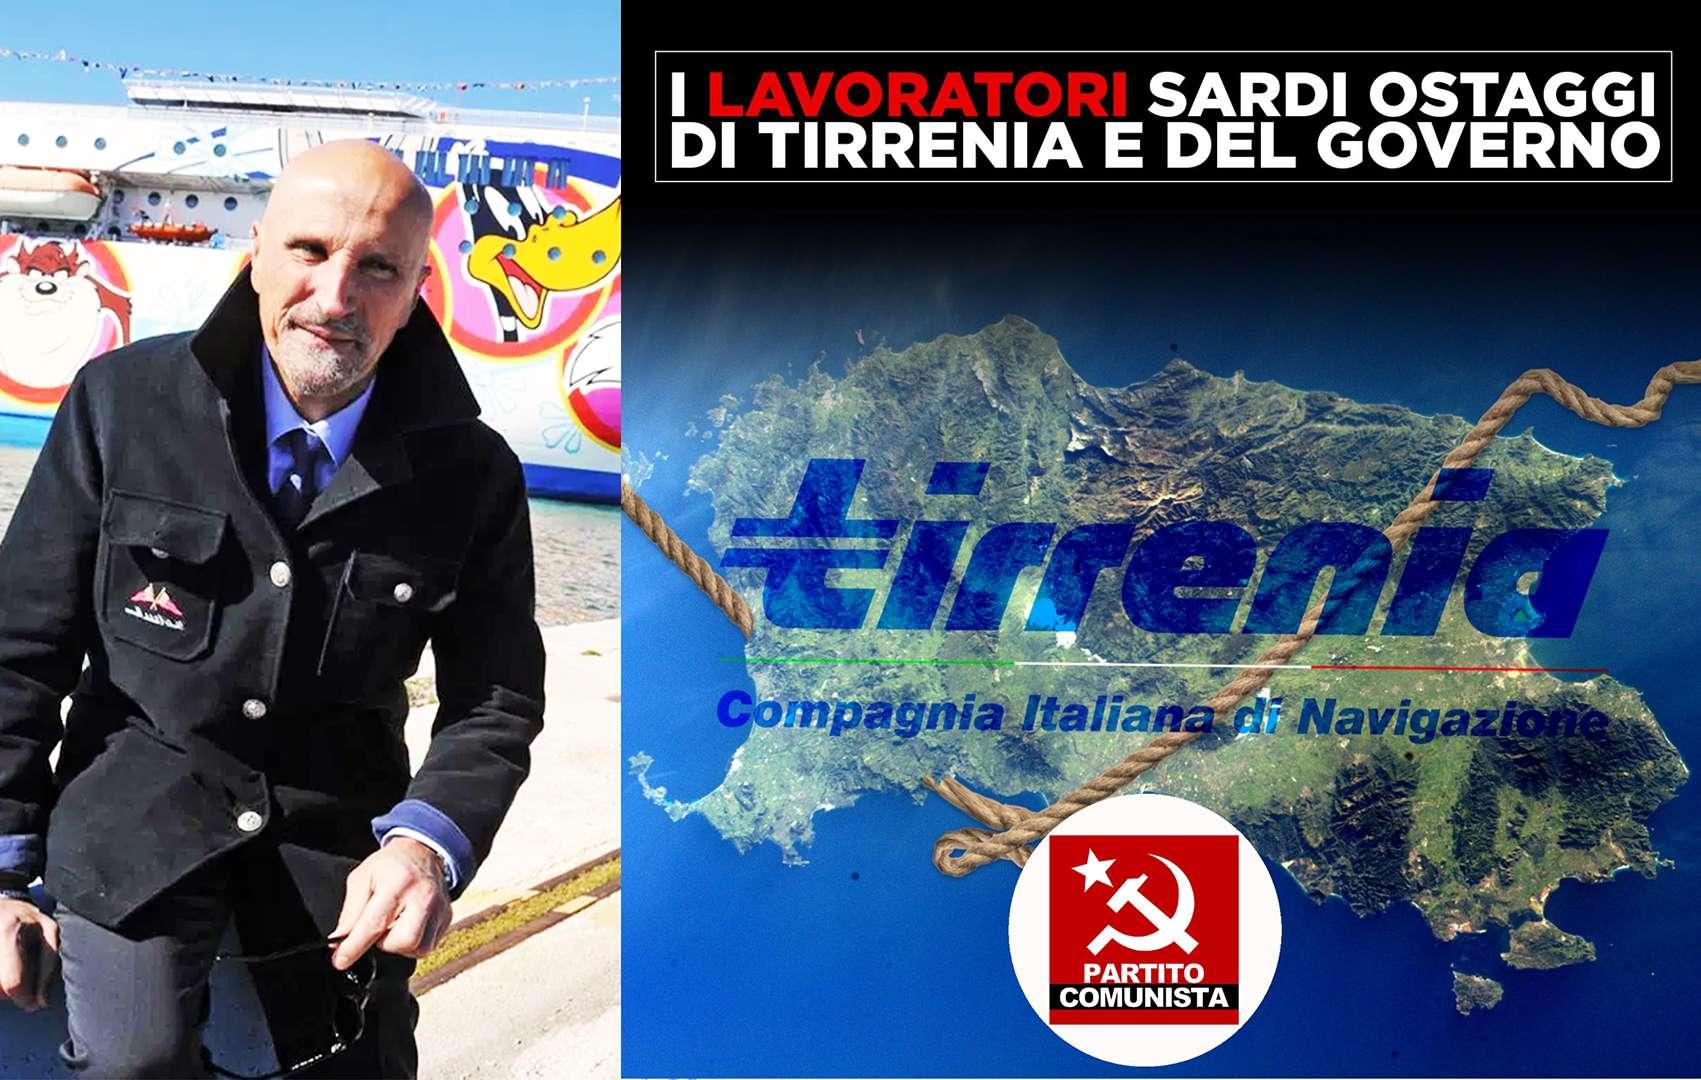 PCI Partito Comunista Italiano I LAVORATORI SARDI OSTAGGIO DI TIRRENIA E DEL GOVERNO